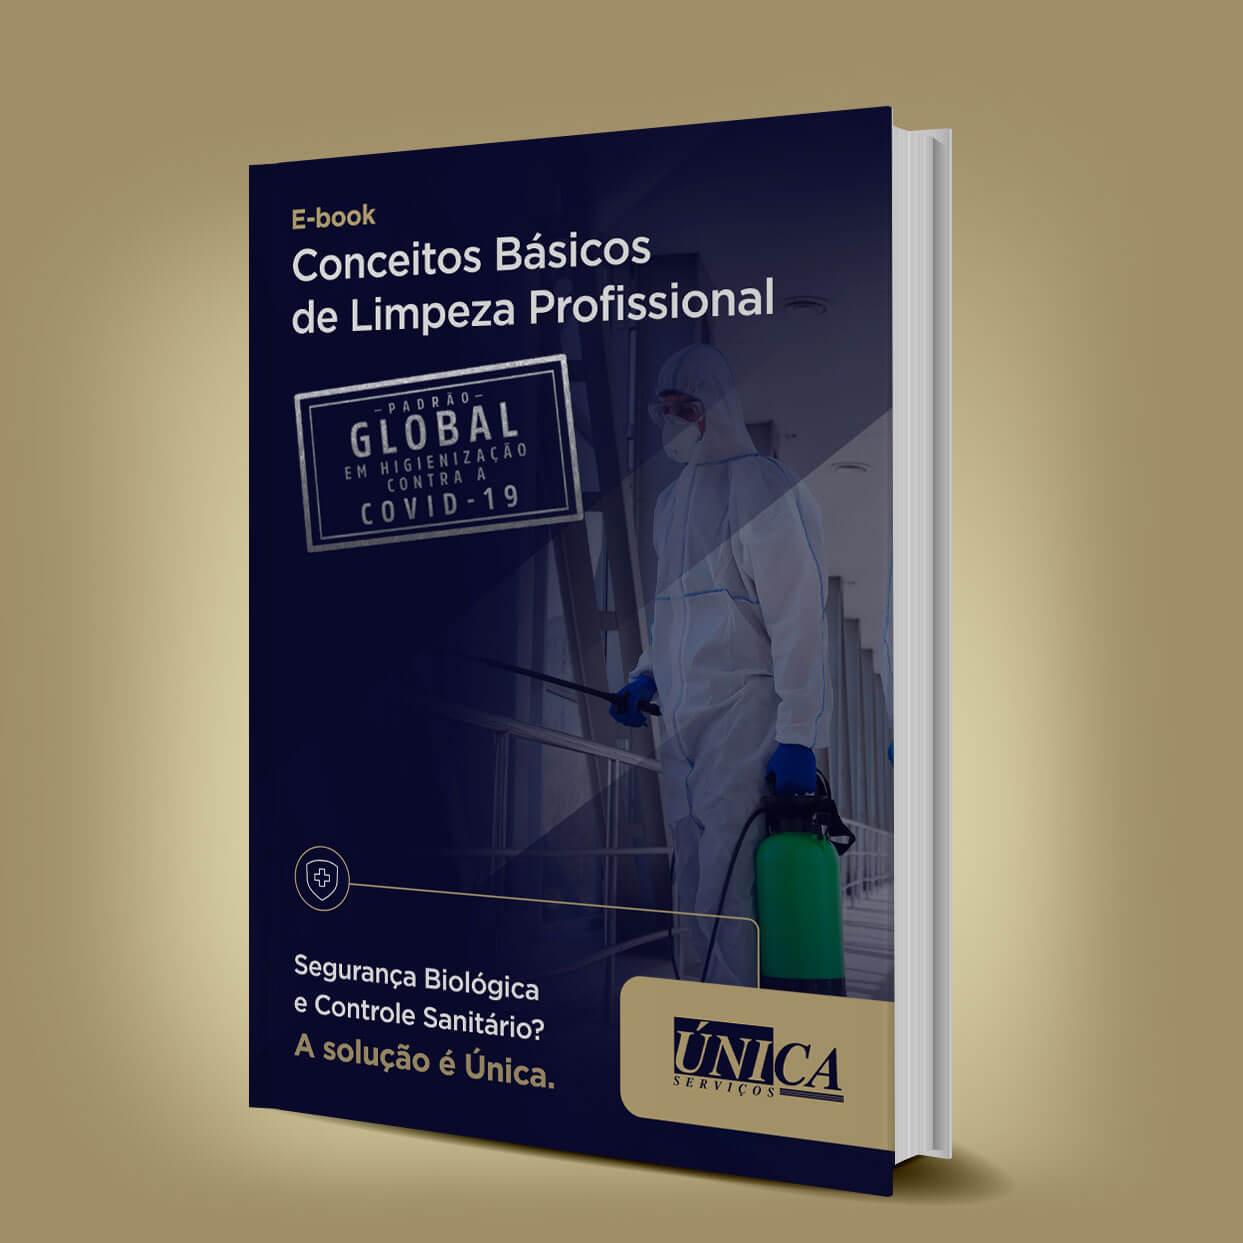 E-book Conceitos Básicos de Limpeza Profissional